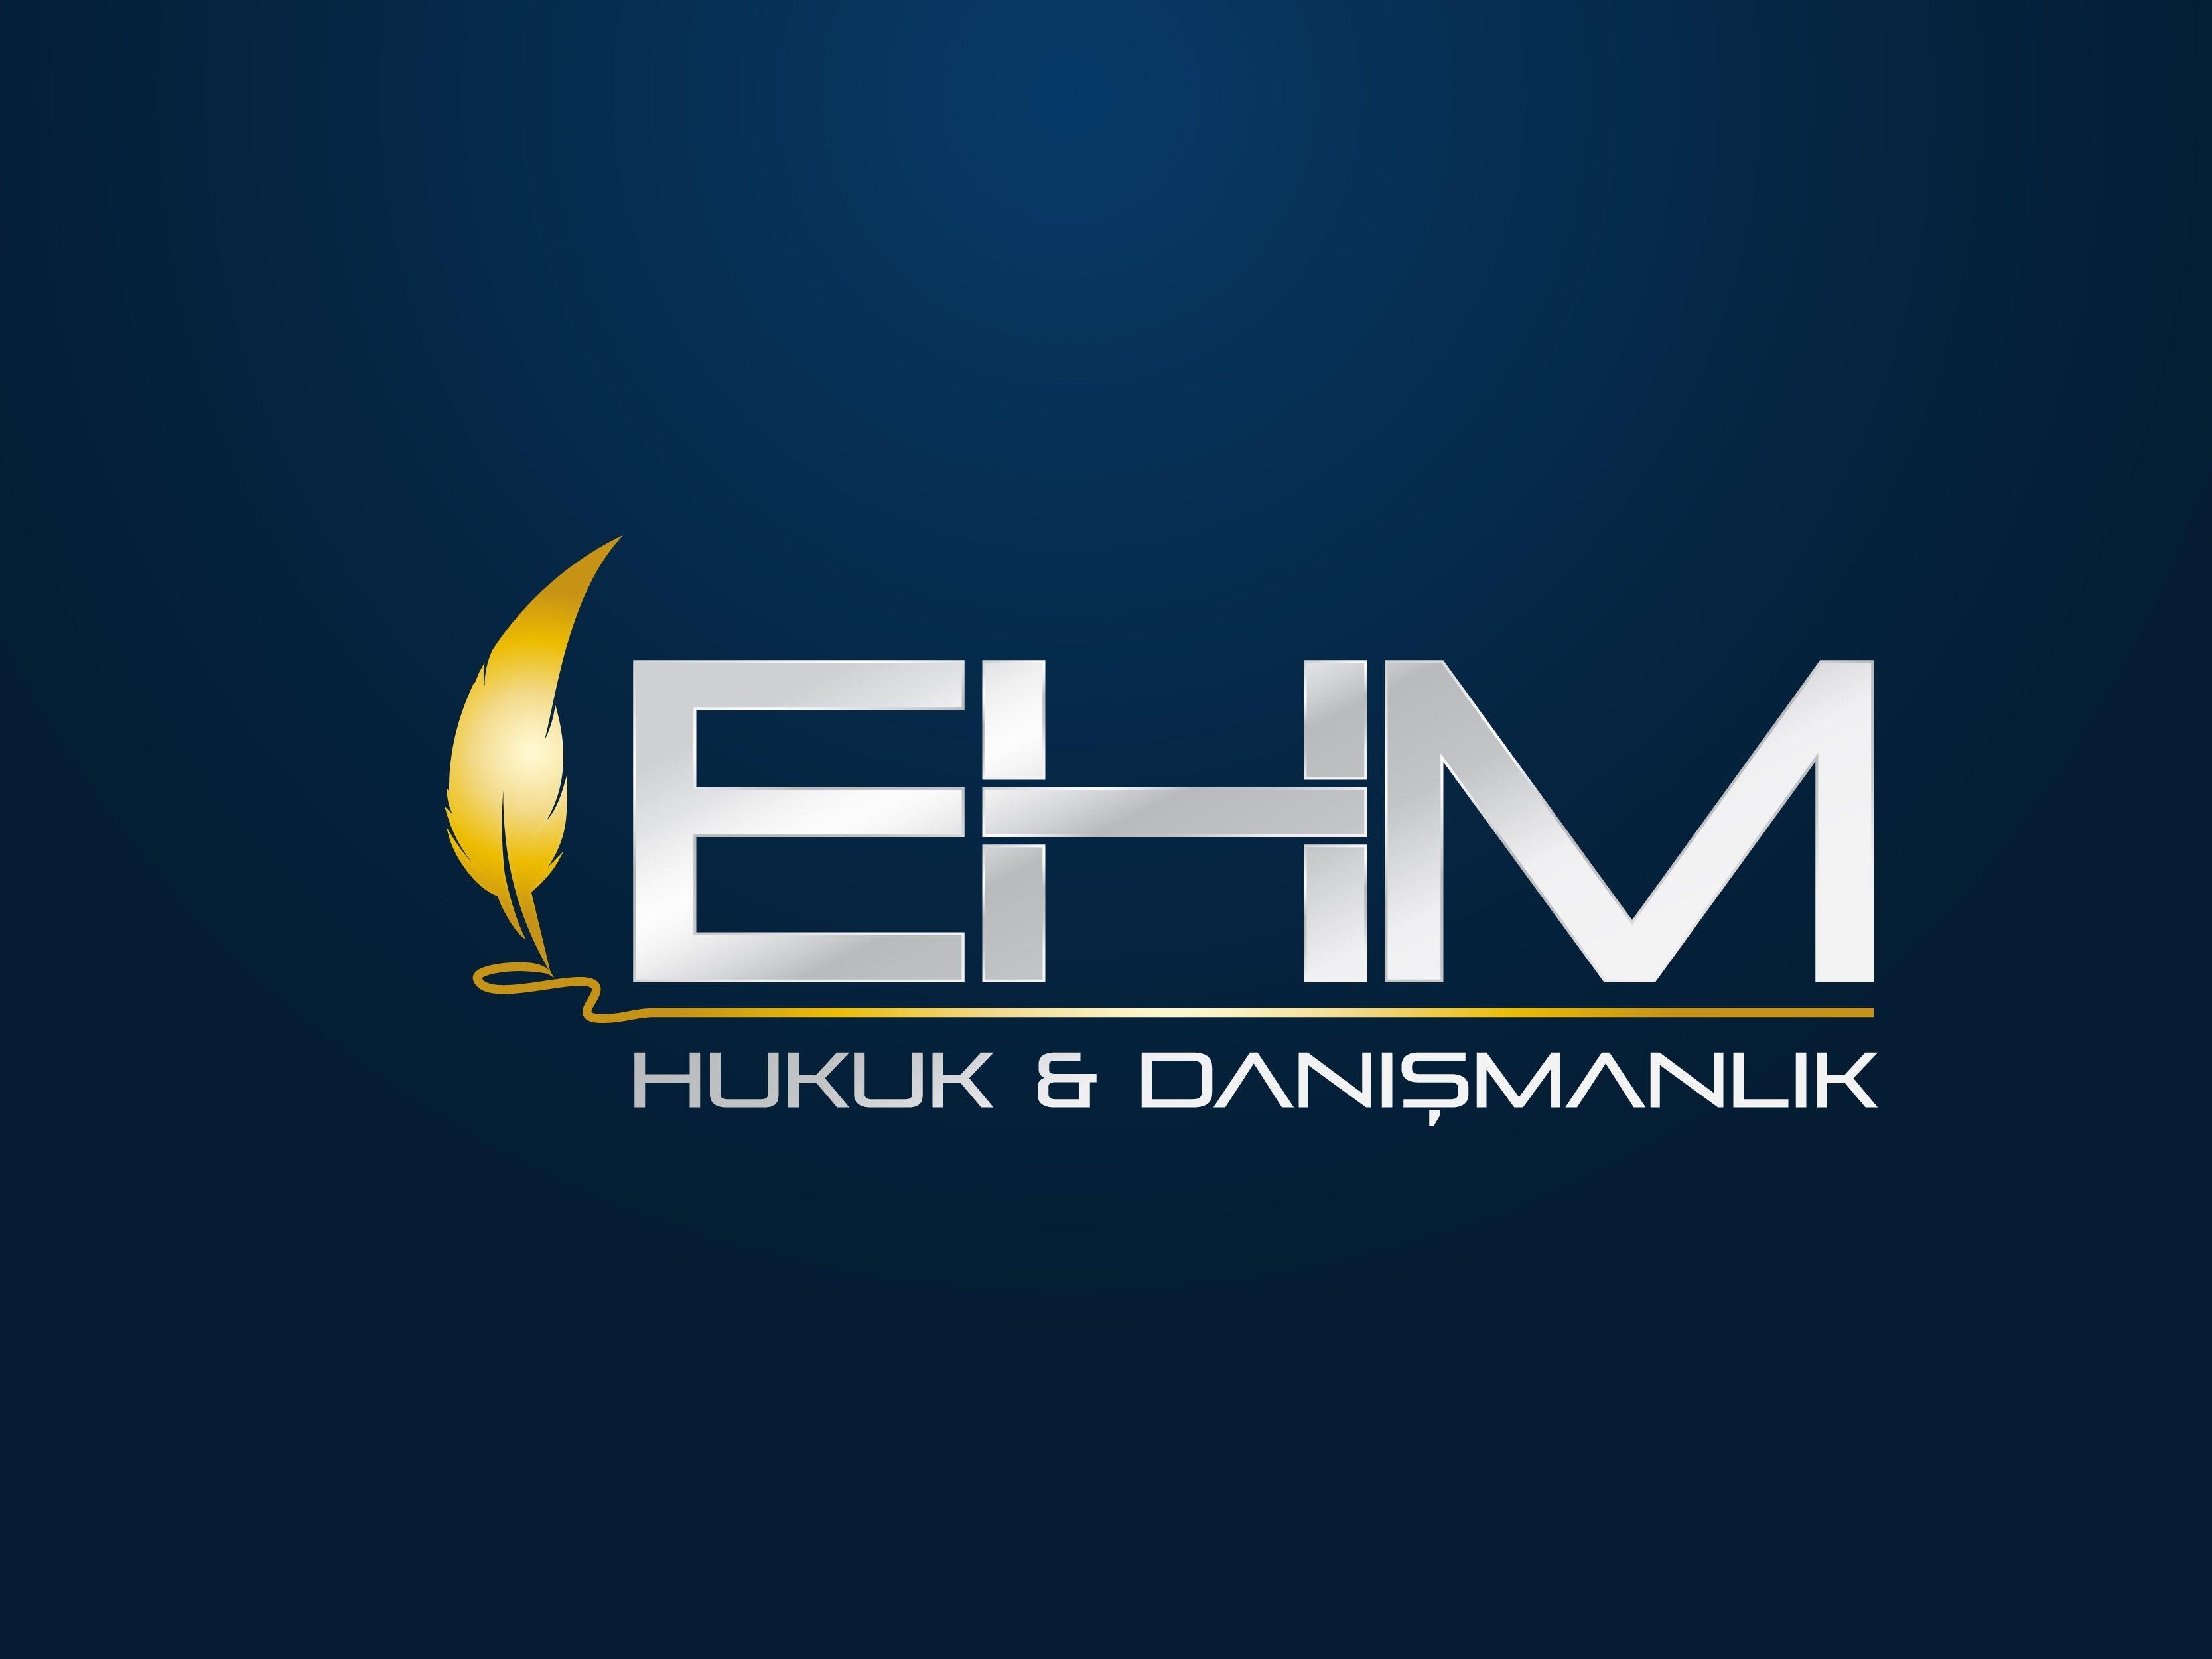 Hukuk Logo Tasarımları - Avukat Logo Tasarımı